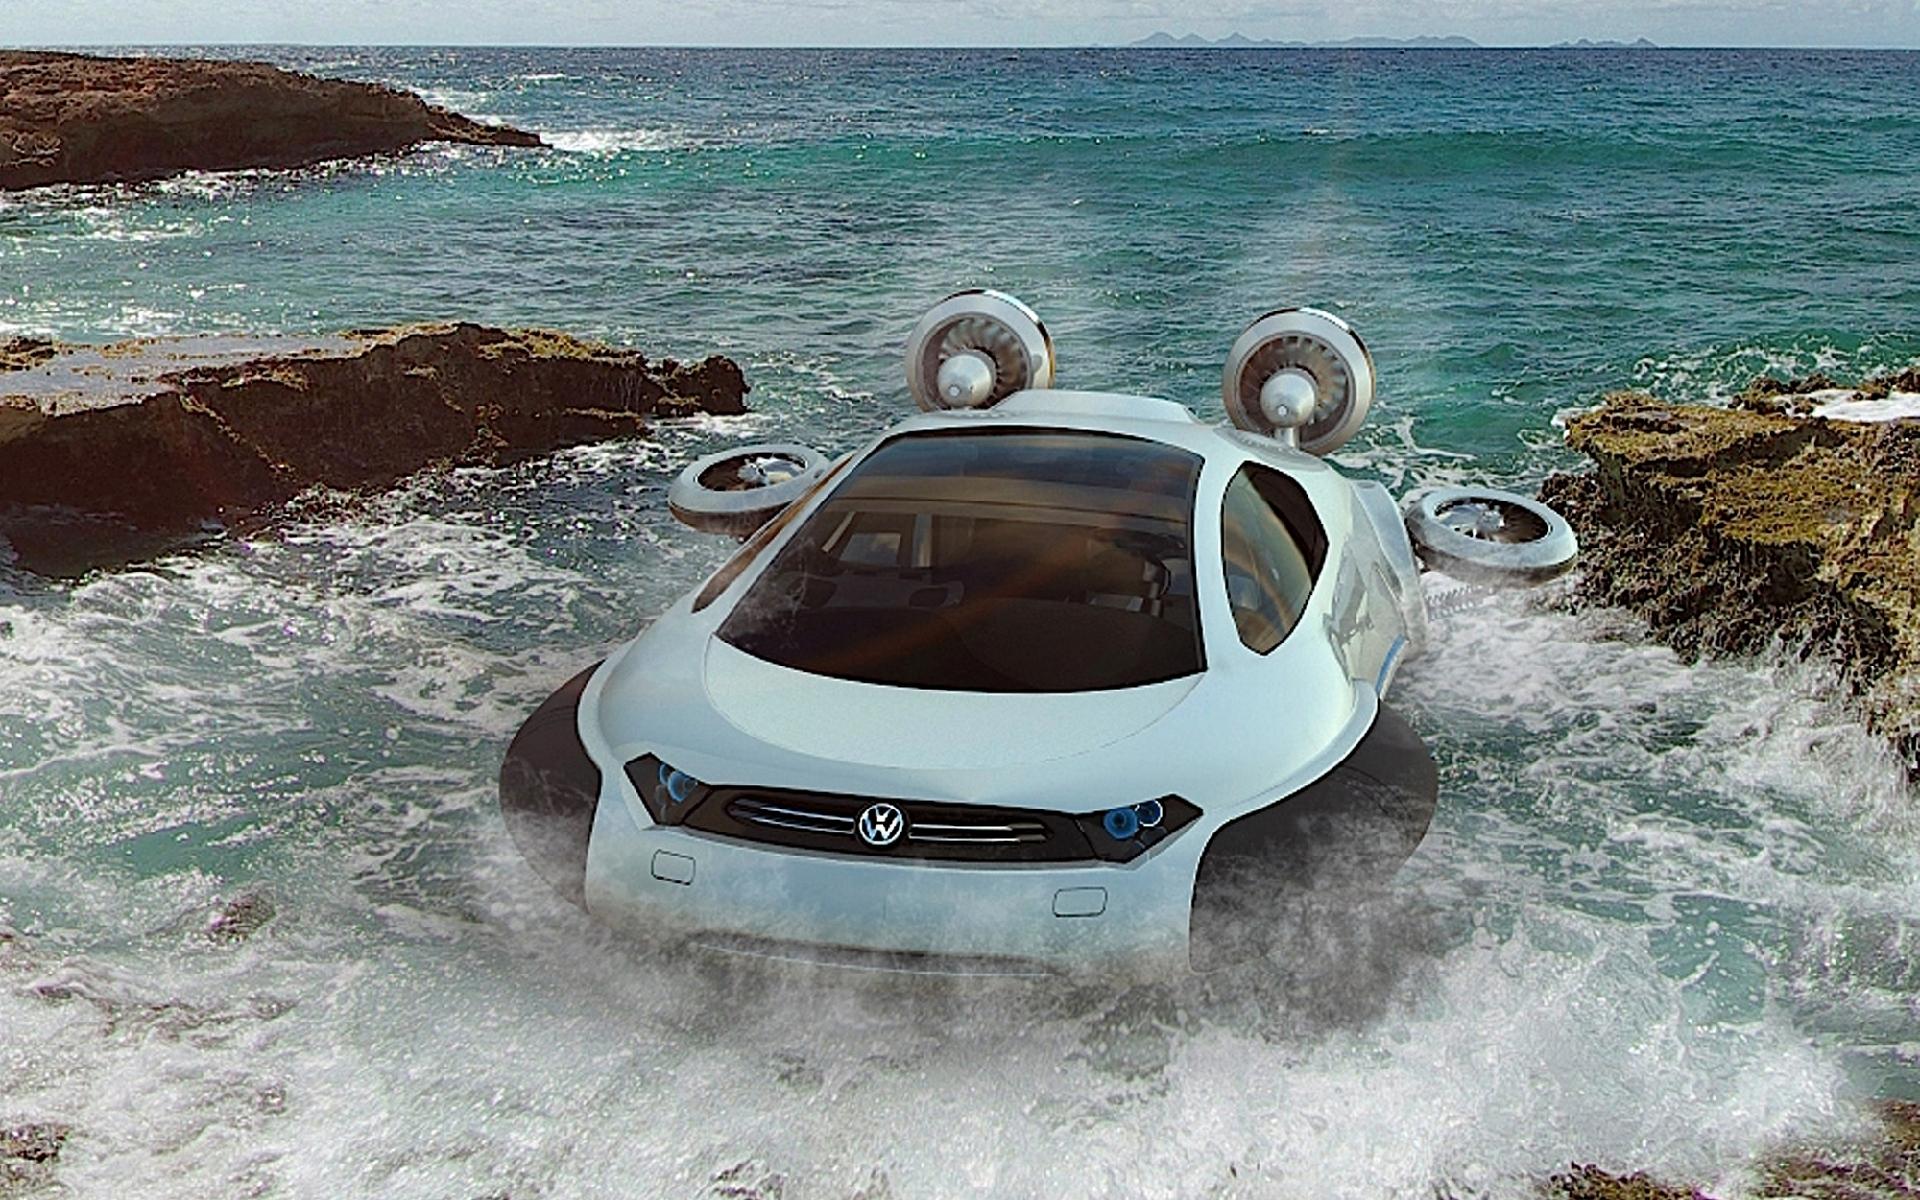 25683 скачать обои Транспорт, Машины, Море, Фольксваген (Volkswagen) - заставки и картинки бесплатно